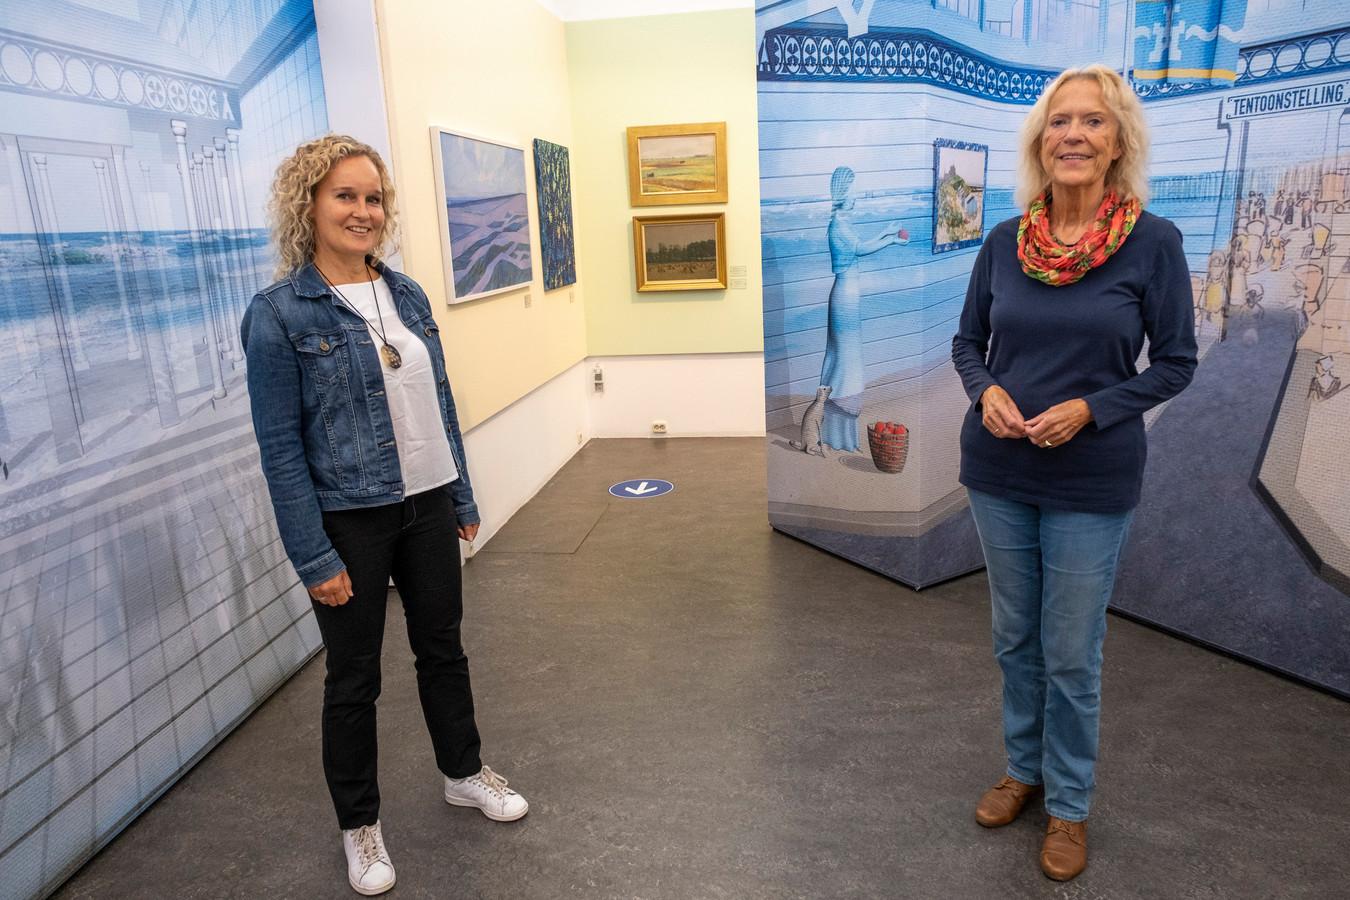 Kunstenares Lisette Huizenga (l) en conservator Francisca van Vloten in het Marie Tak van Poortvliet Museum met links de tempel van Nehalennia die oprijst uit de zee.